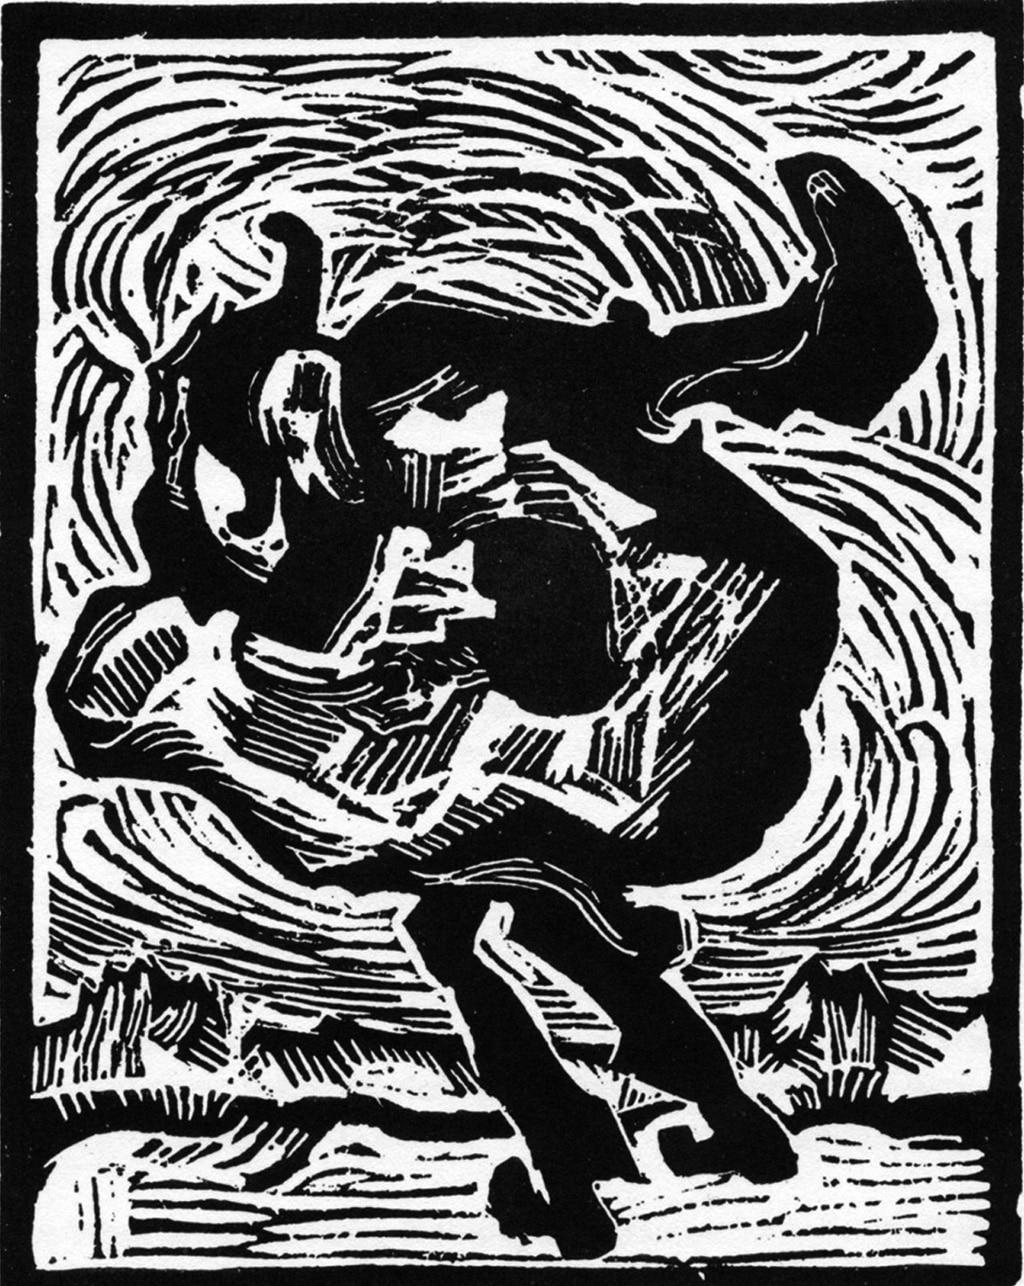 Heinrich-Danioth_der Föhn-1921